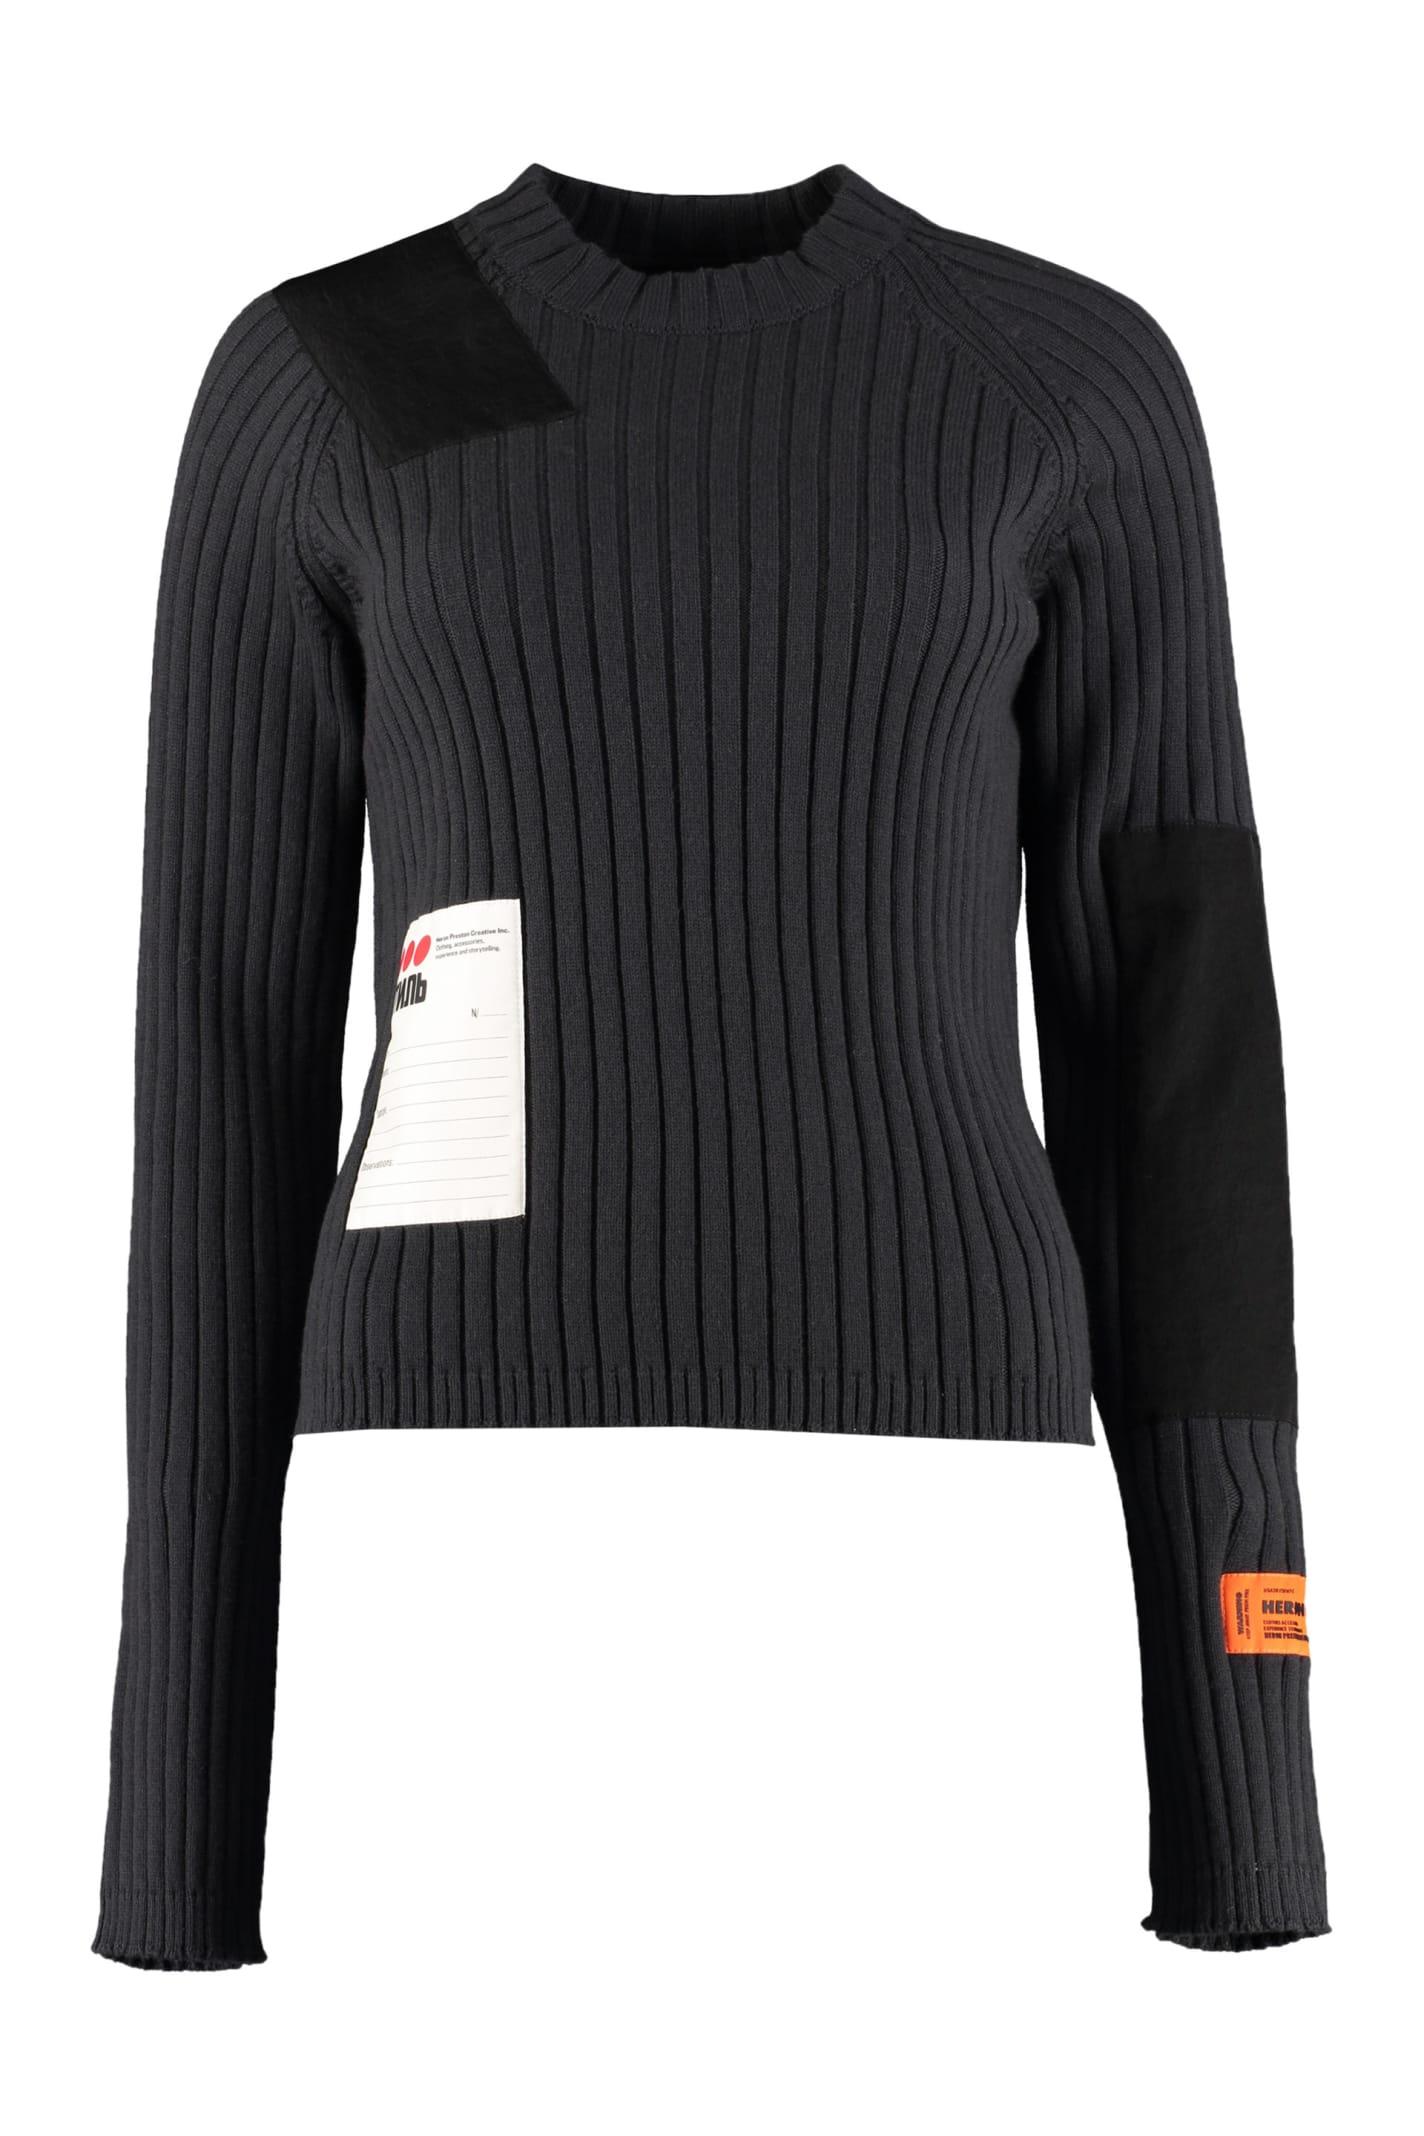 HERON PRESTON Ribbed Crew-neck Sweater